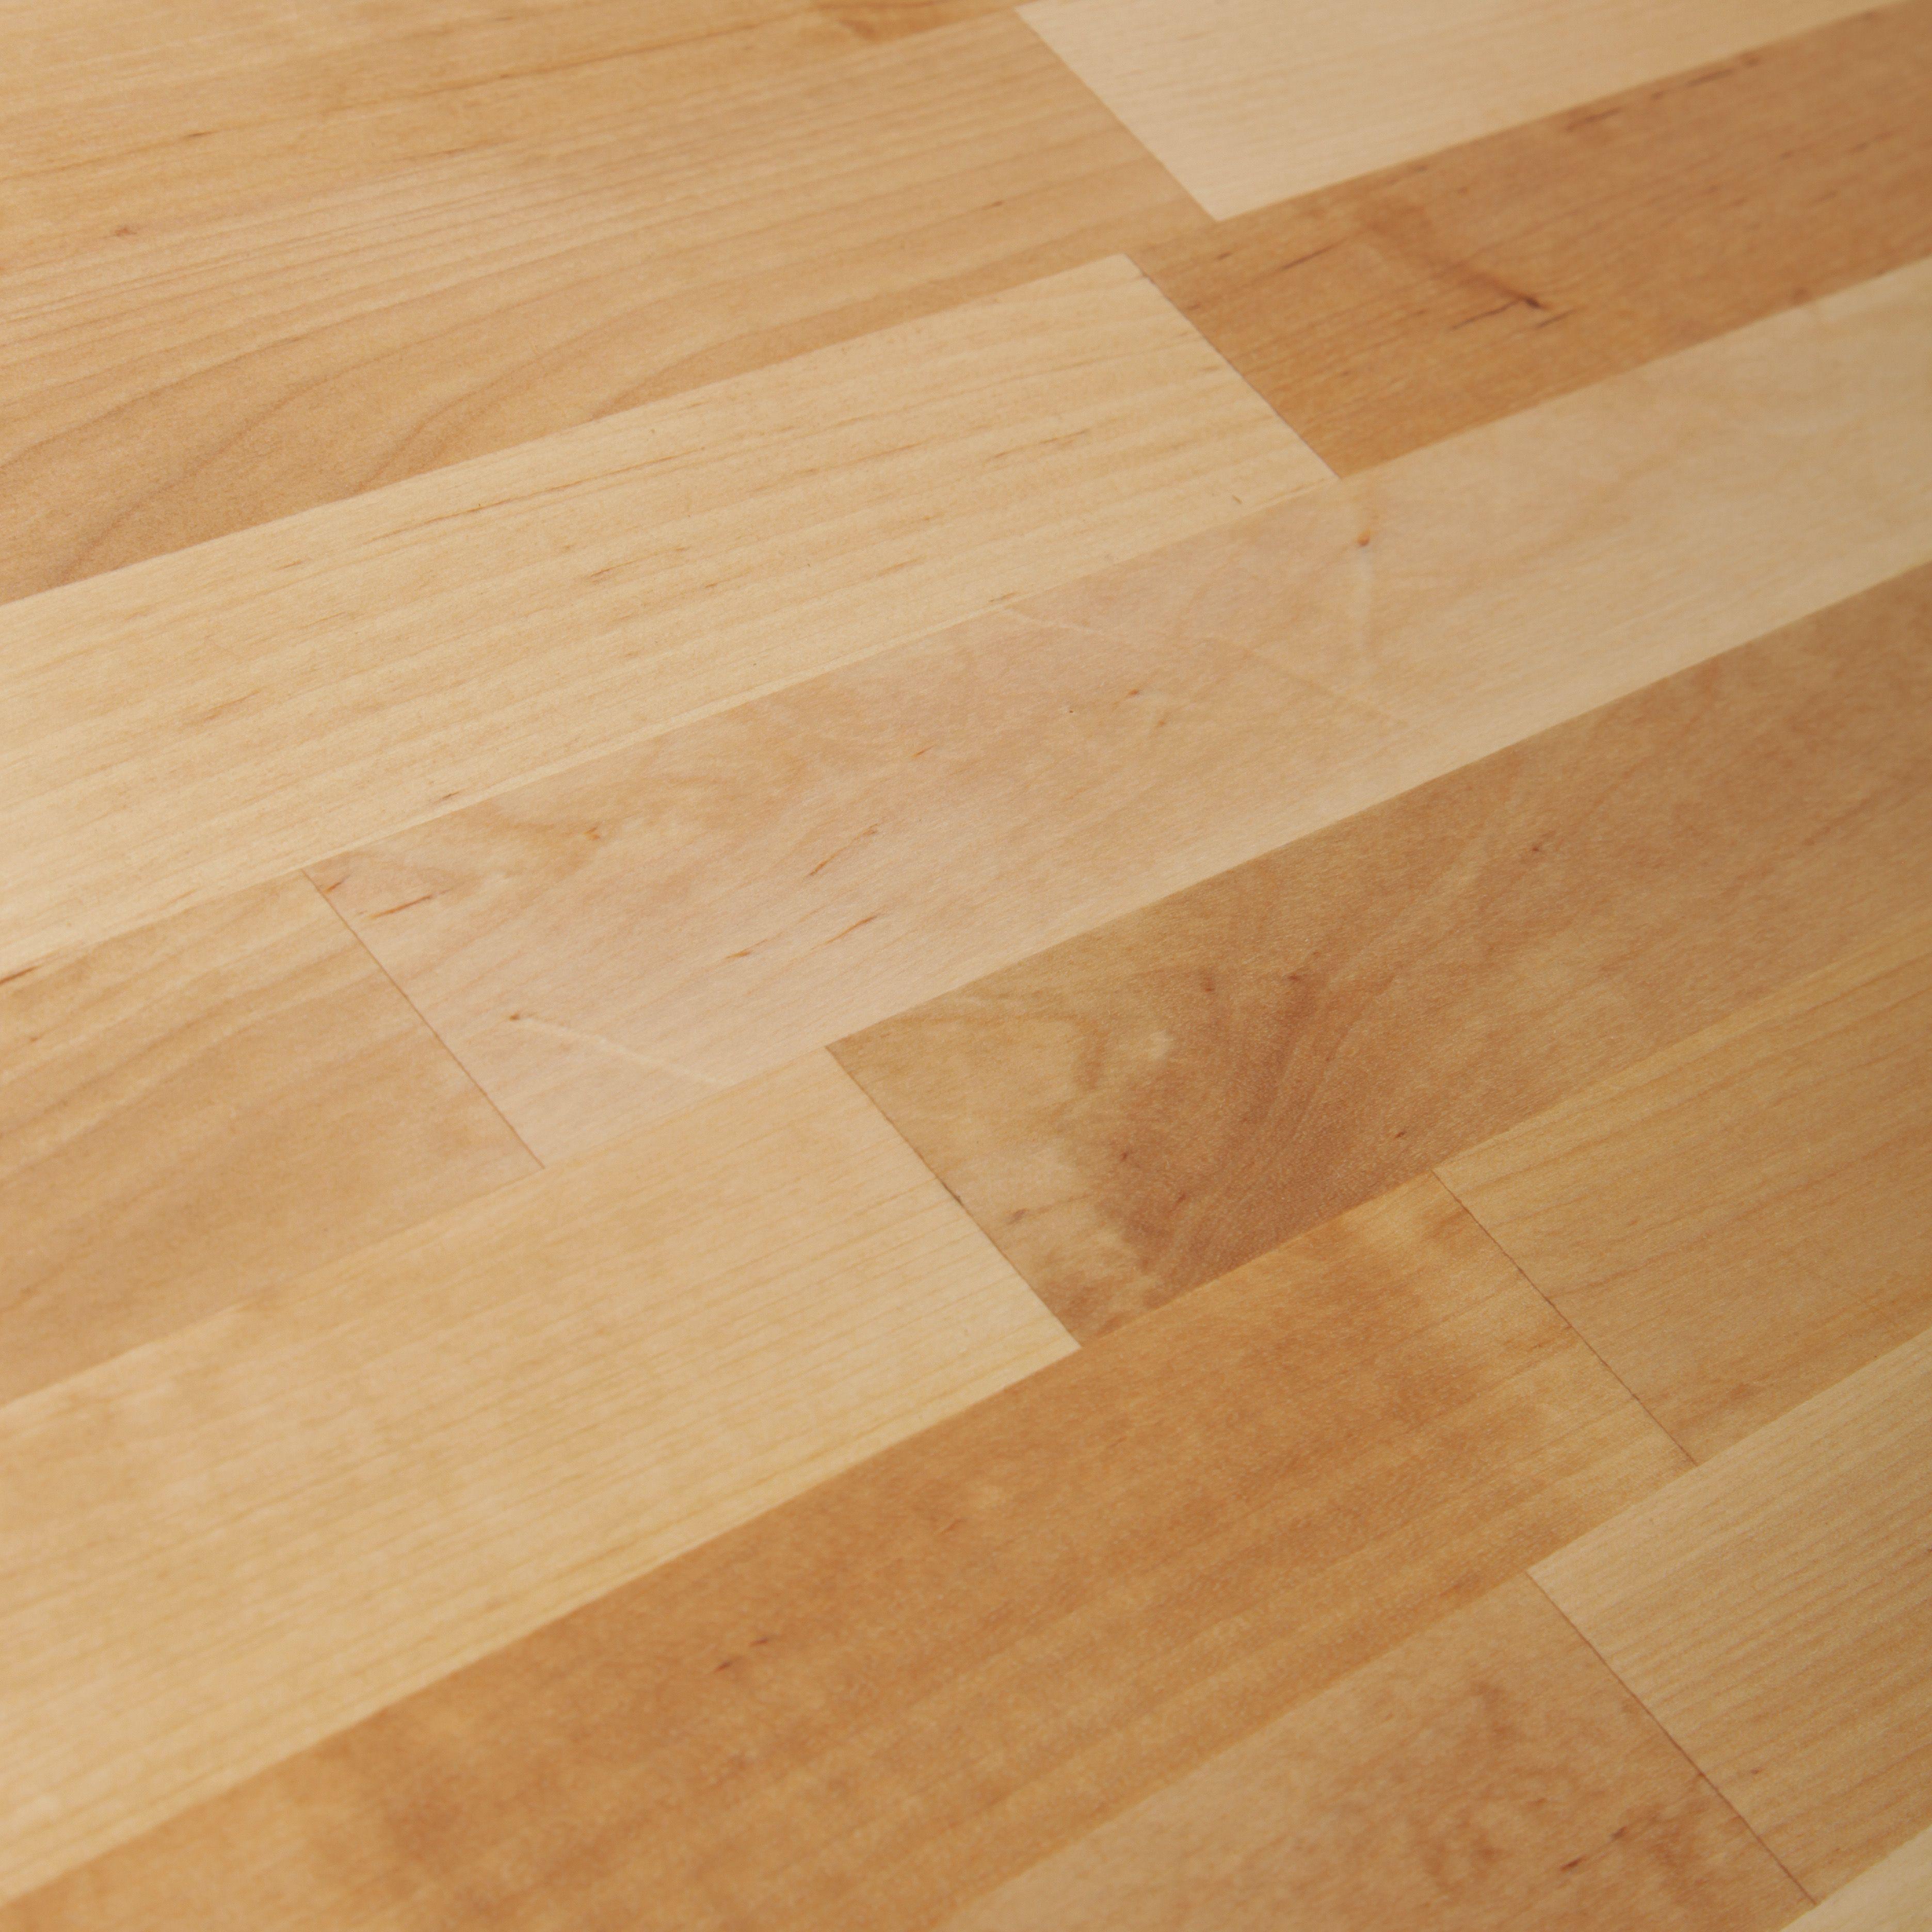 Bq Kitchen Laminate Flooring 50mm Bq Tectonica Square Edge Kitchen Breakfast Bar L2m D